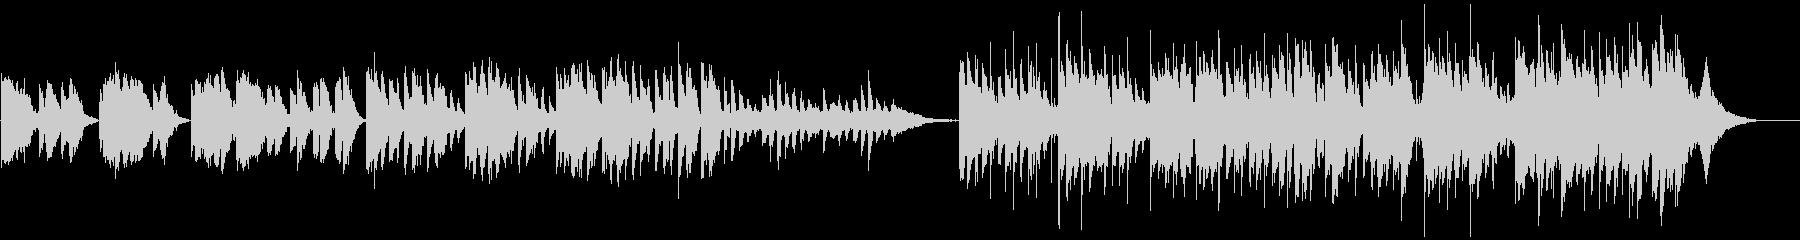 悪夢感満載のホラーミュージックの未再生の波形